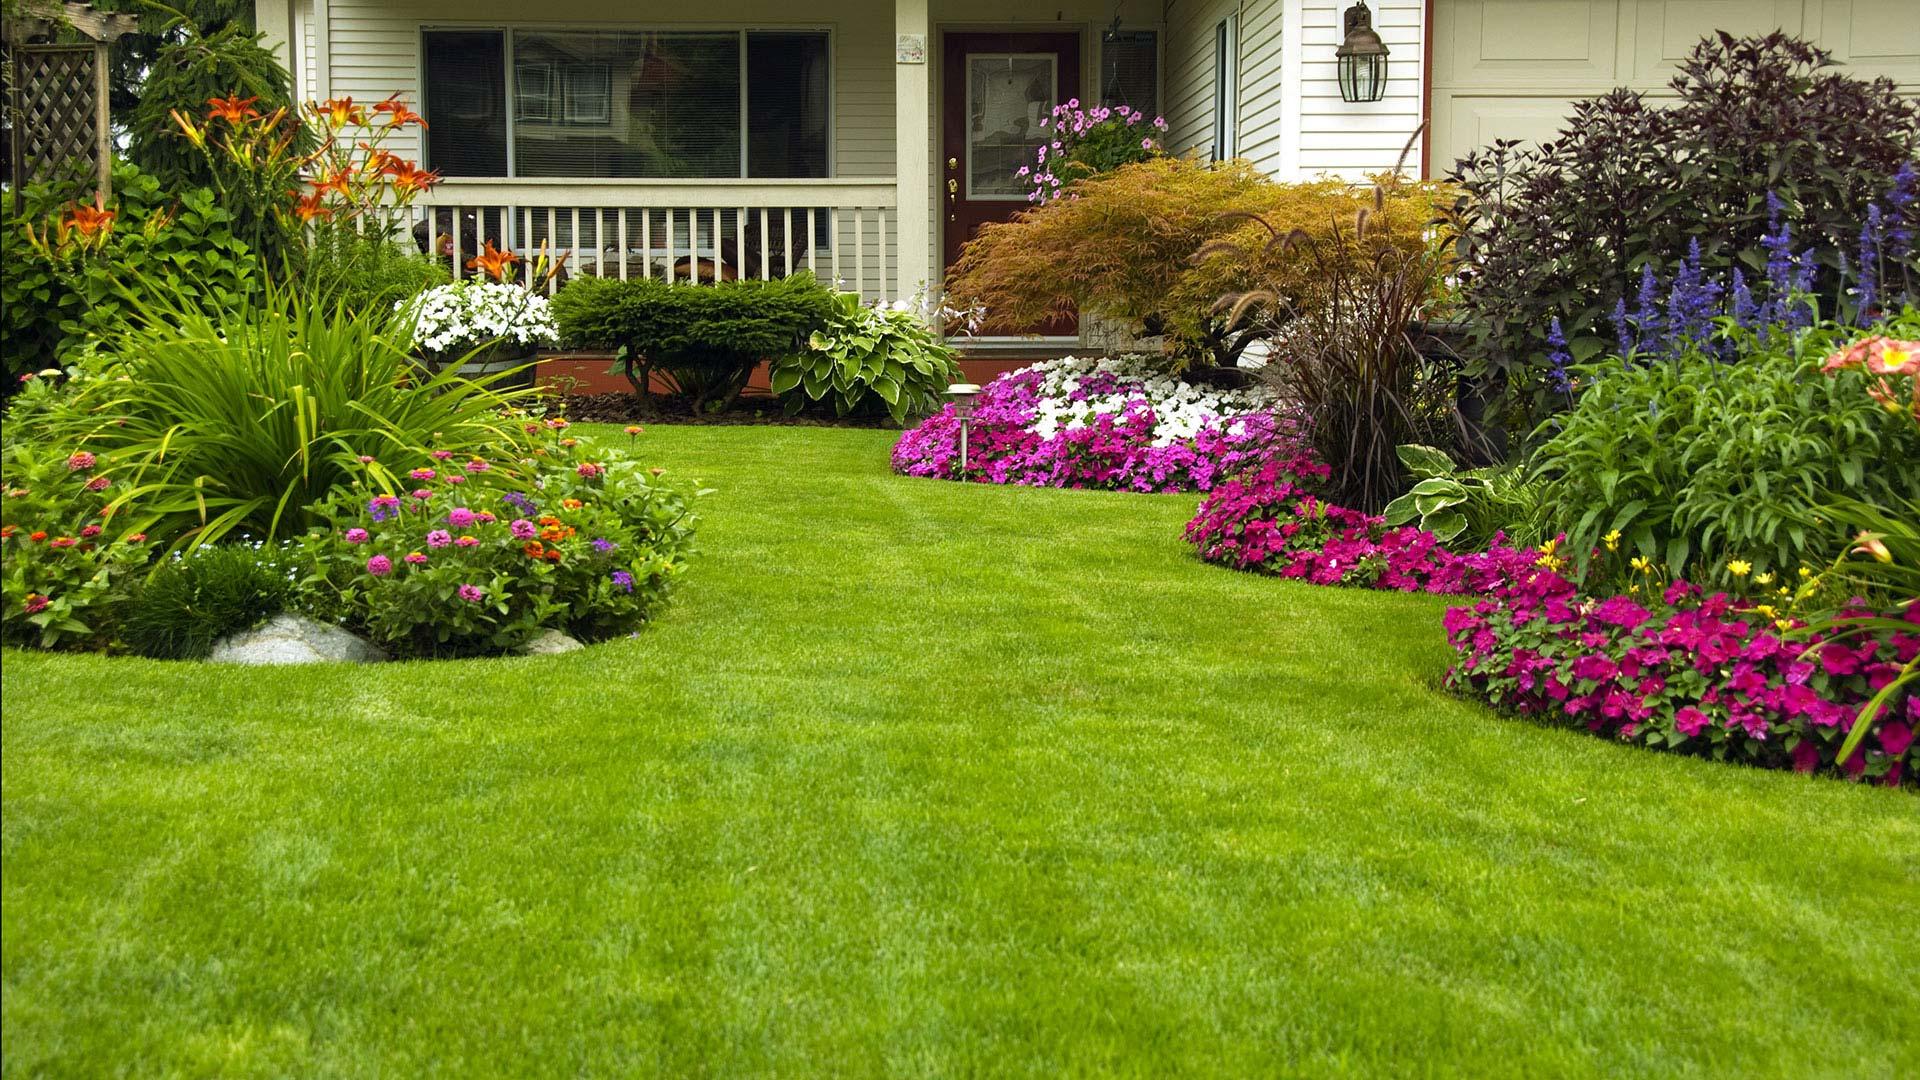 Kingsbury Landscape & Design LLC Landscaping Company, Lawn Service and Landscape Design slide 2